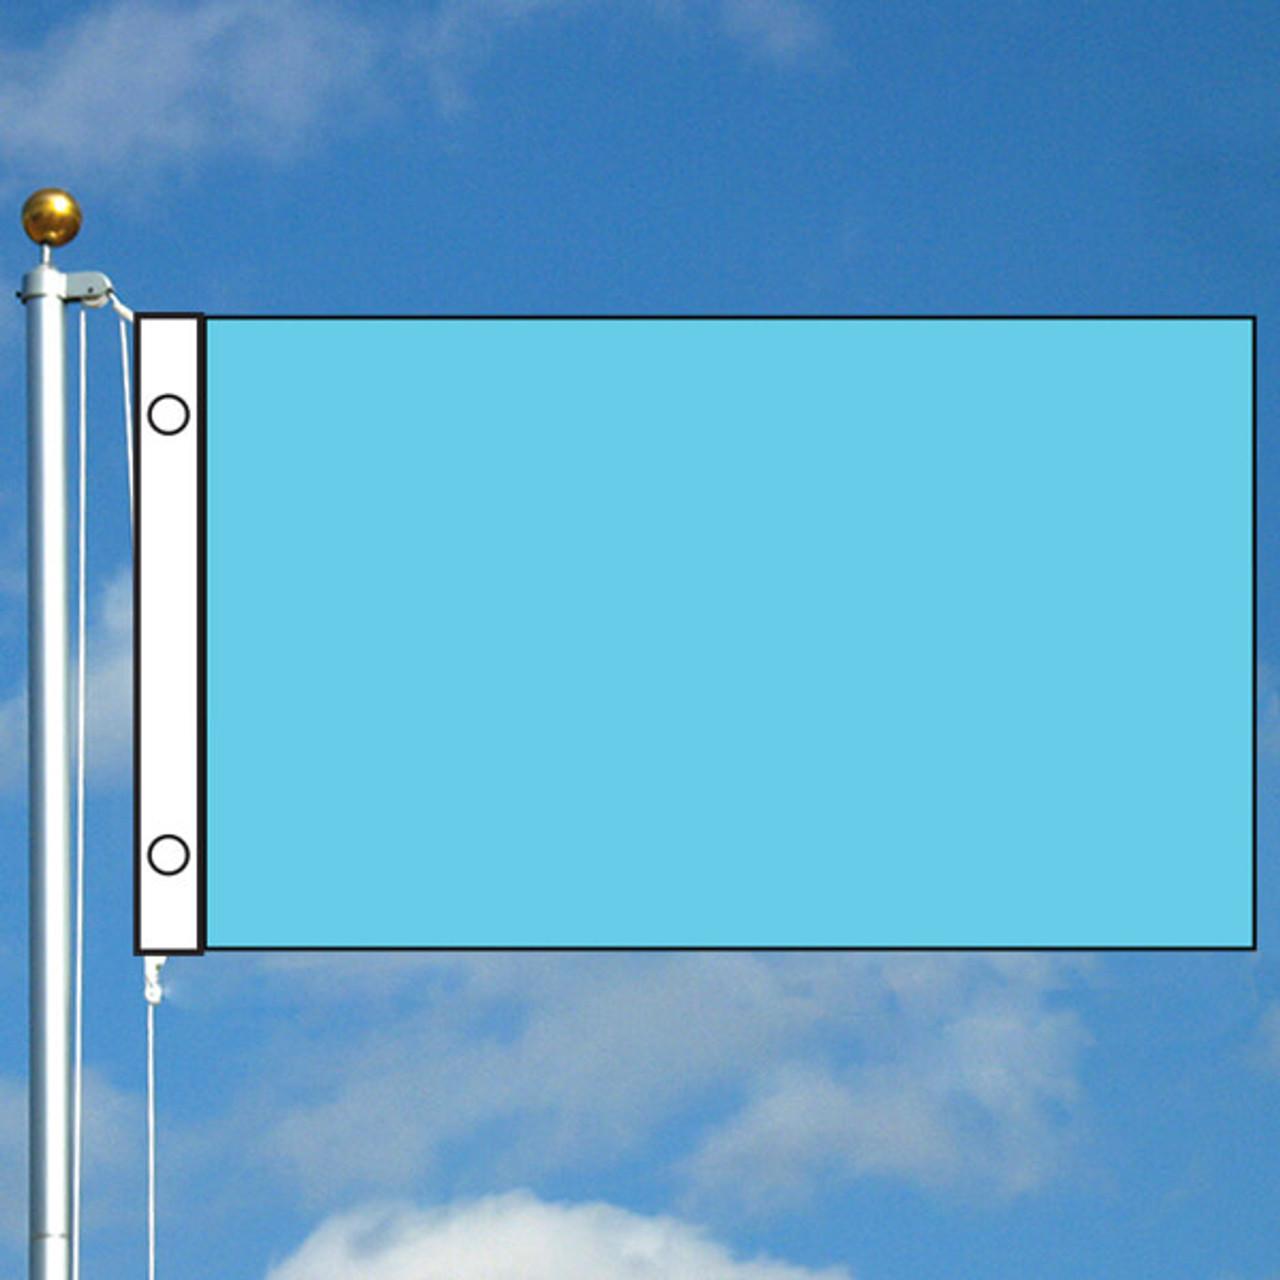 3' x 5' Solid Color Flag - Light Blue